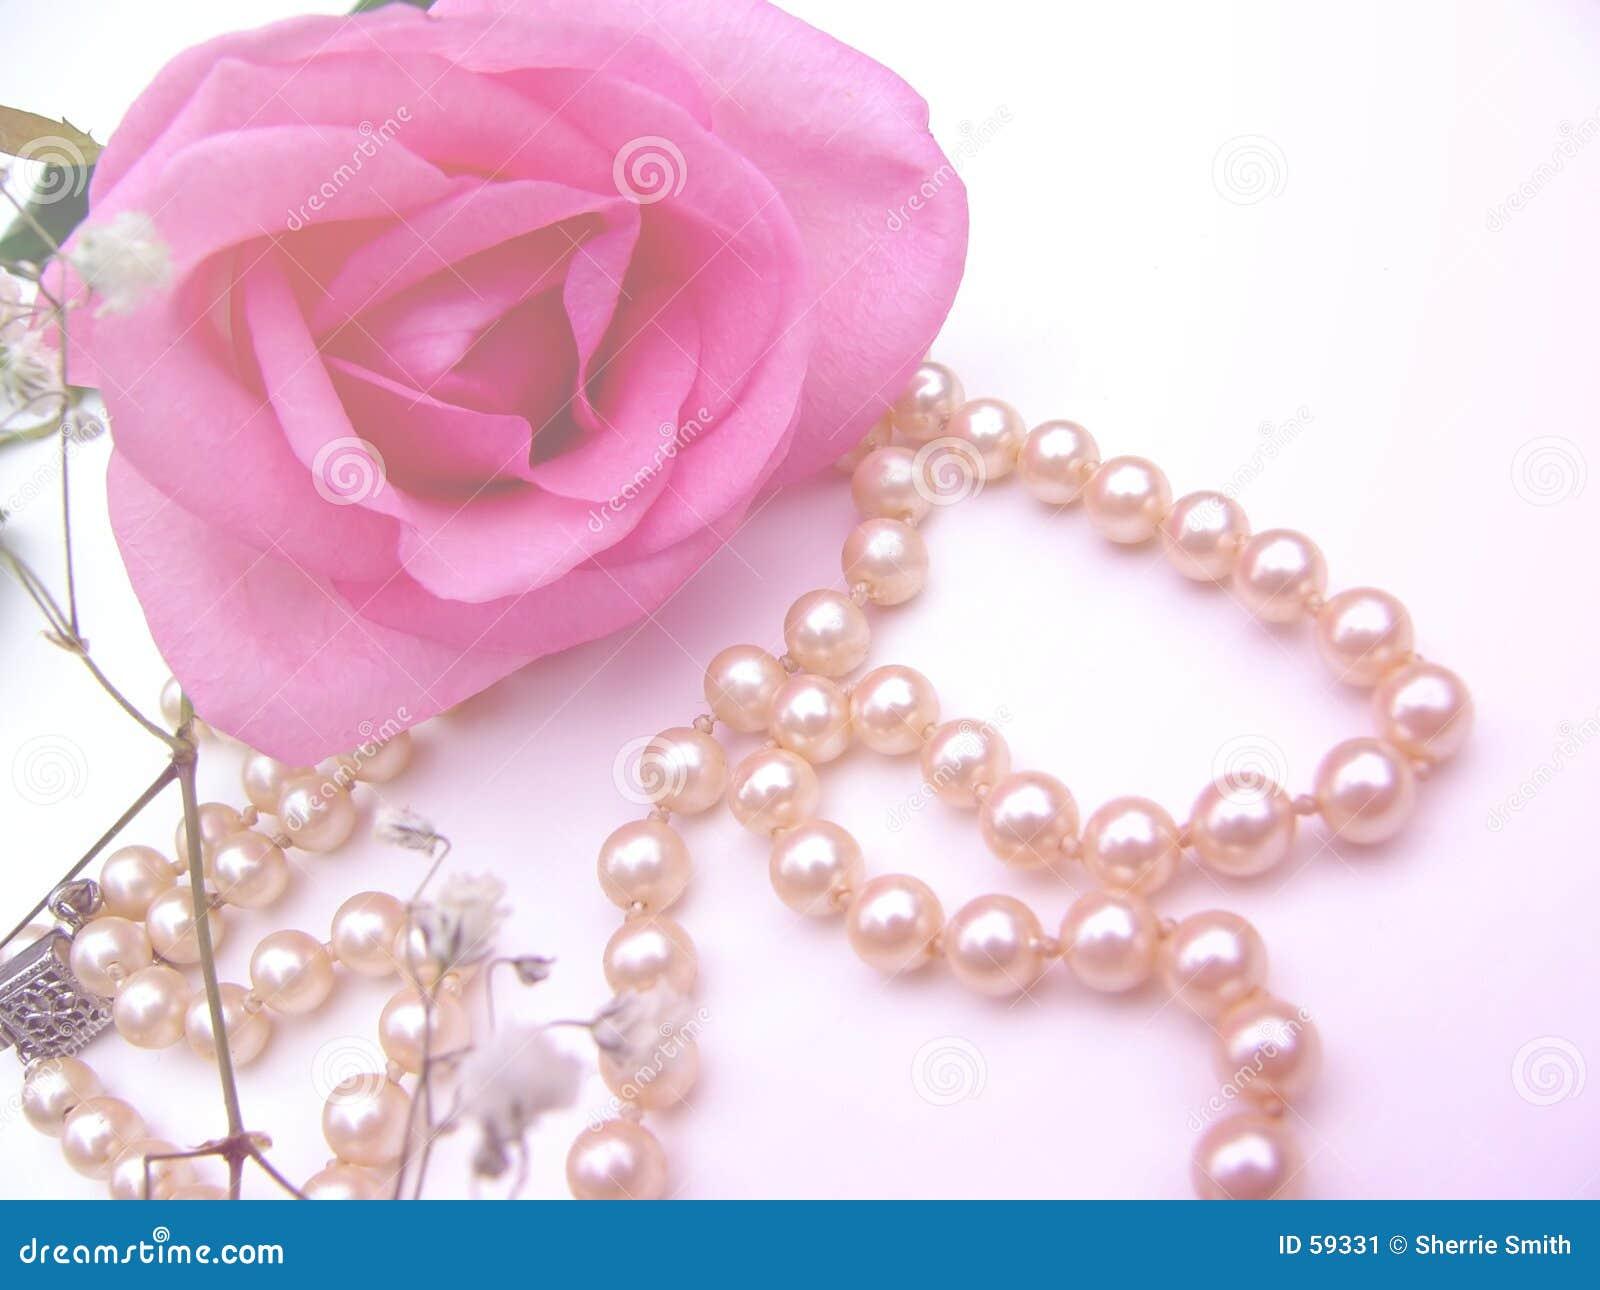 Download Assez image stock. Image du pétales, perles, valentine, amour - 59331